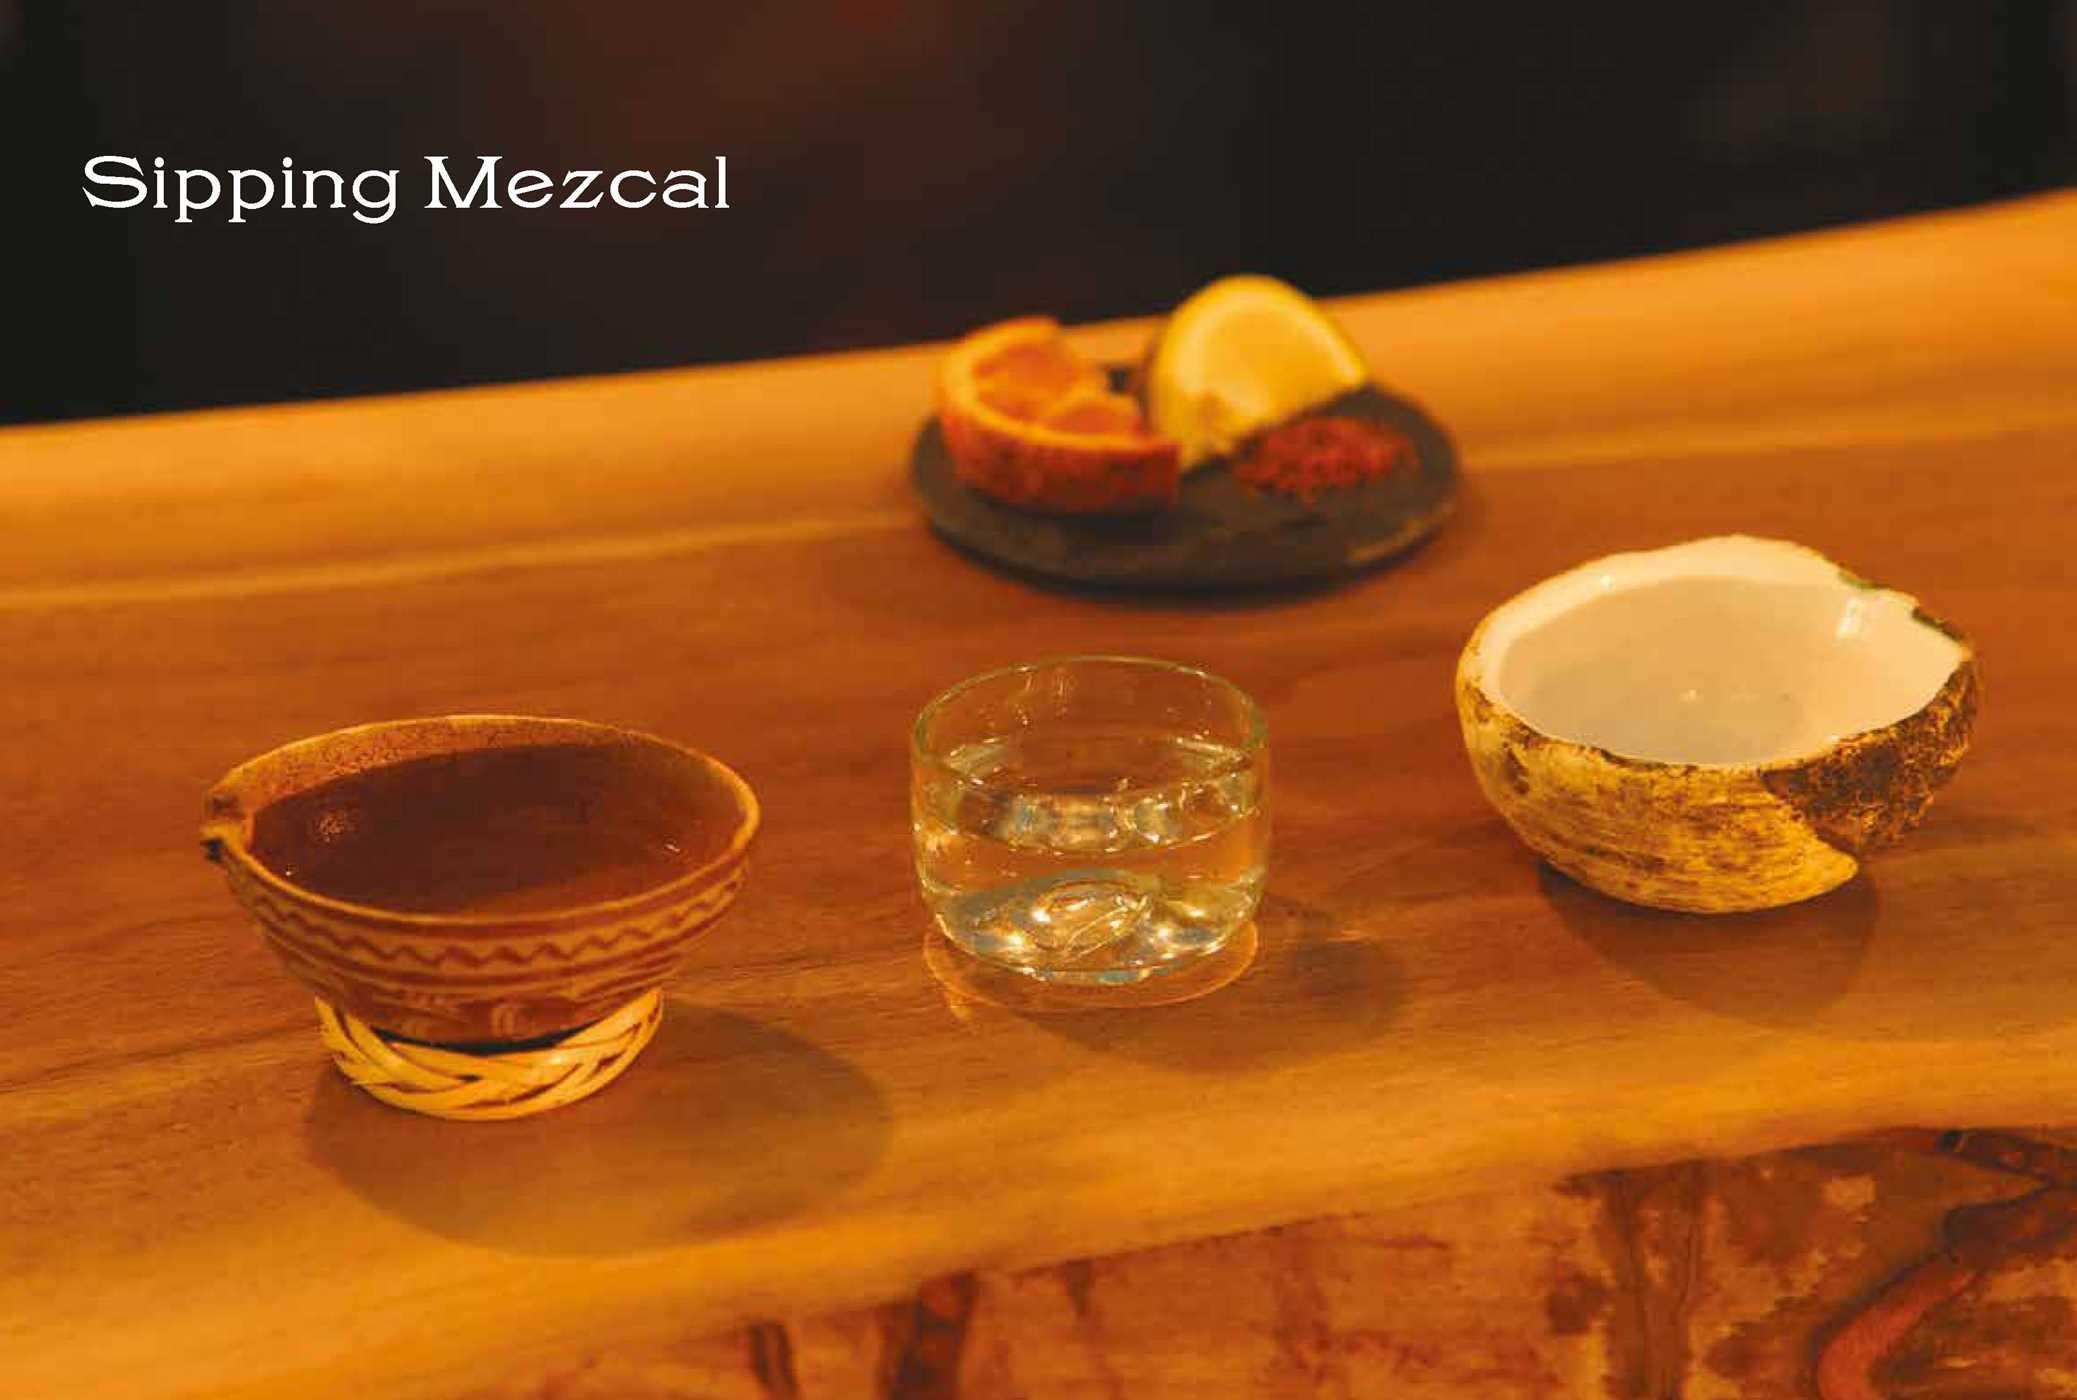 Viva mezcal 9781681883304.in03